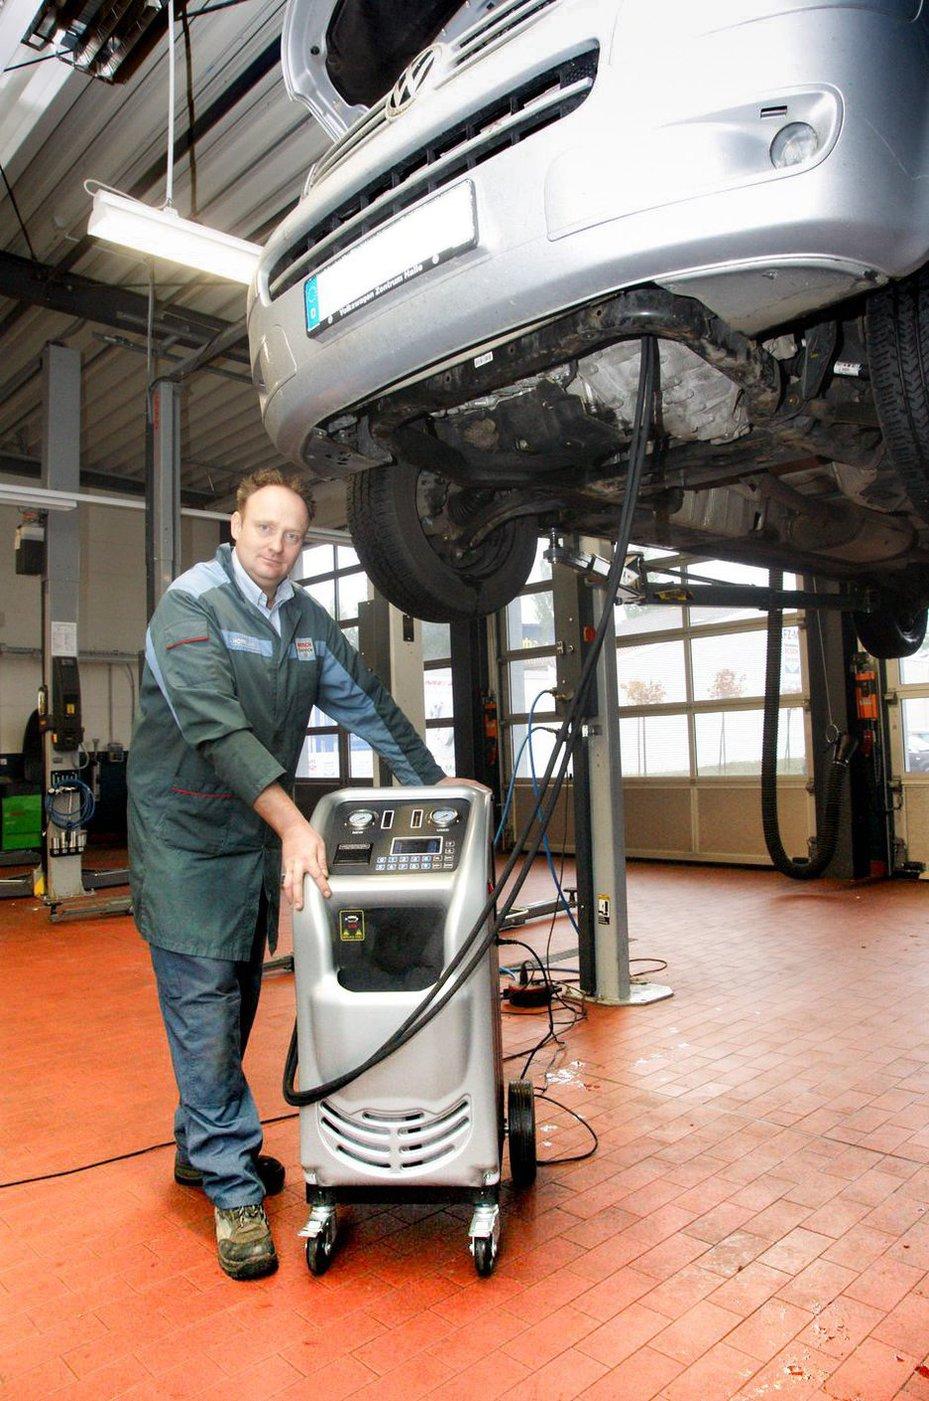 Jörg Hoffmann leitet die Werkstatt in der Berliner Straße. FOTO: ZERFASS